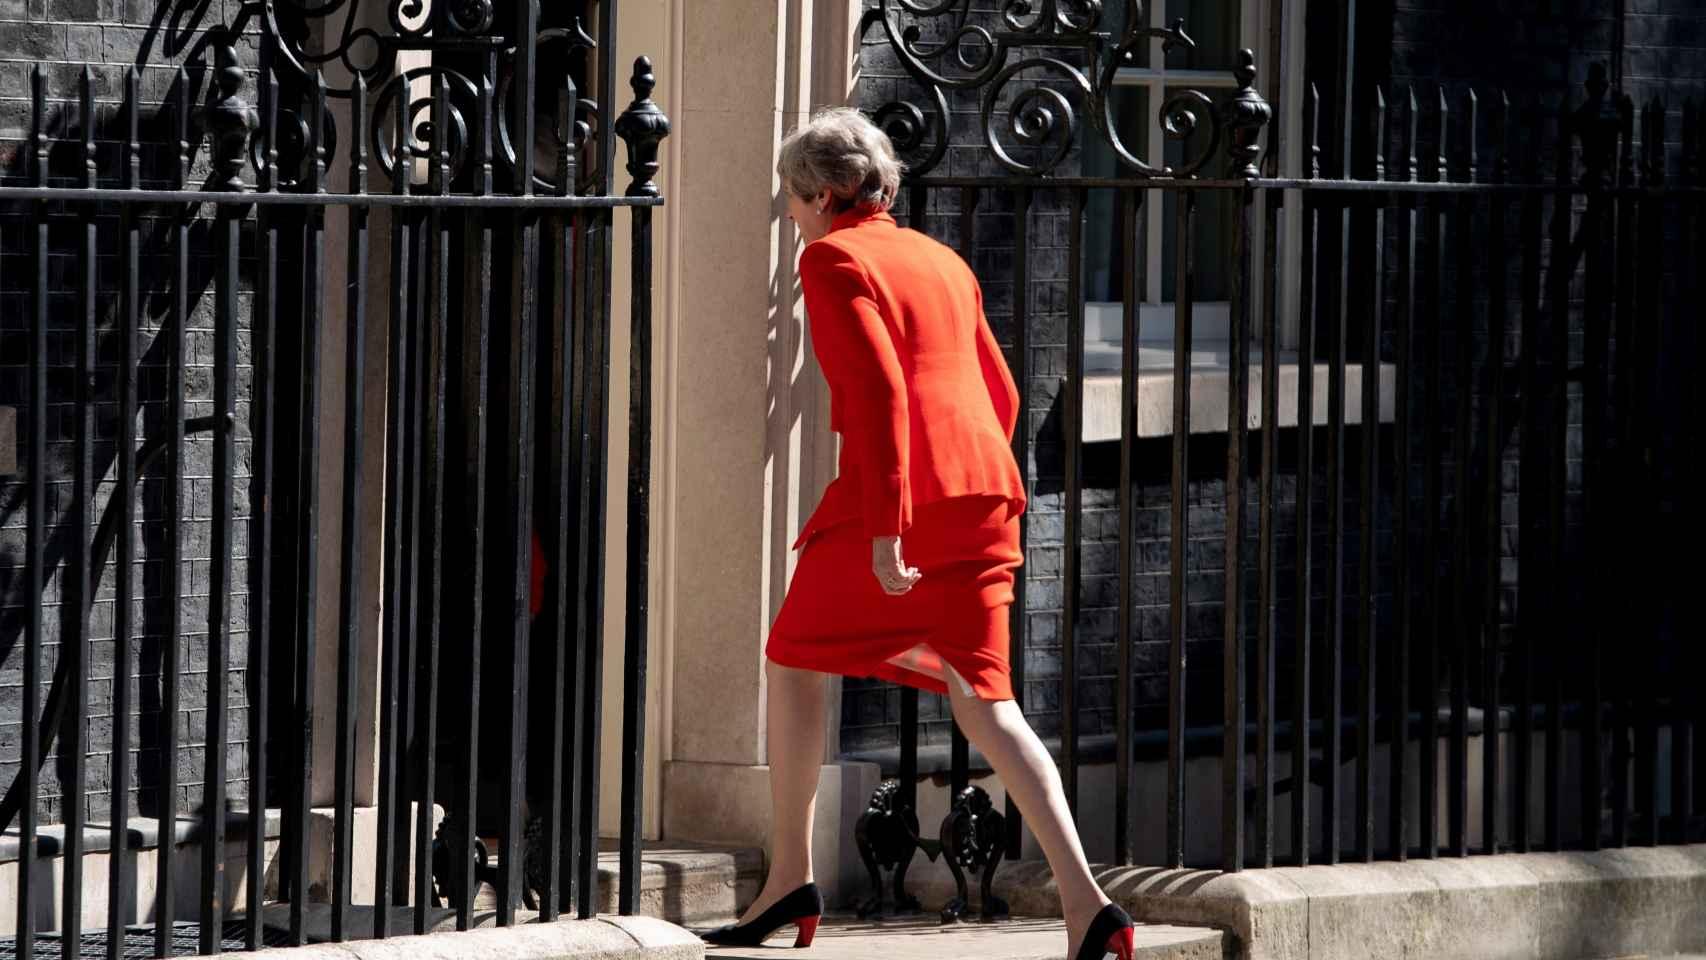 Theresa May regresa al interior de Downing Street tras hacer el anuncio de dimisión.